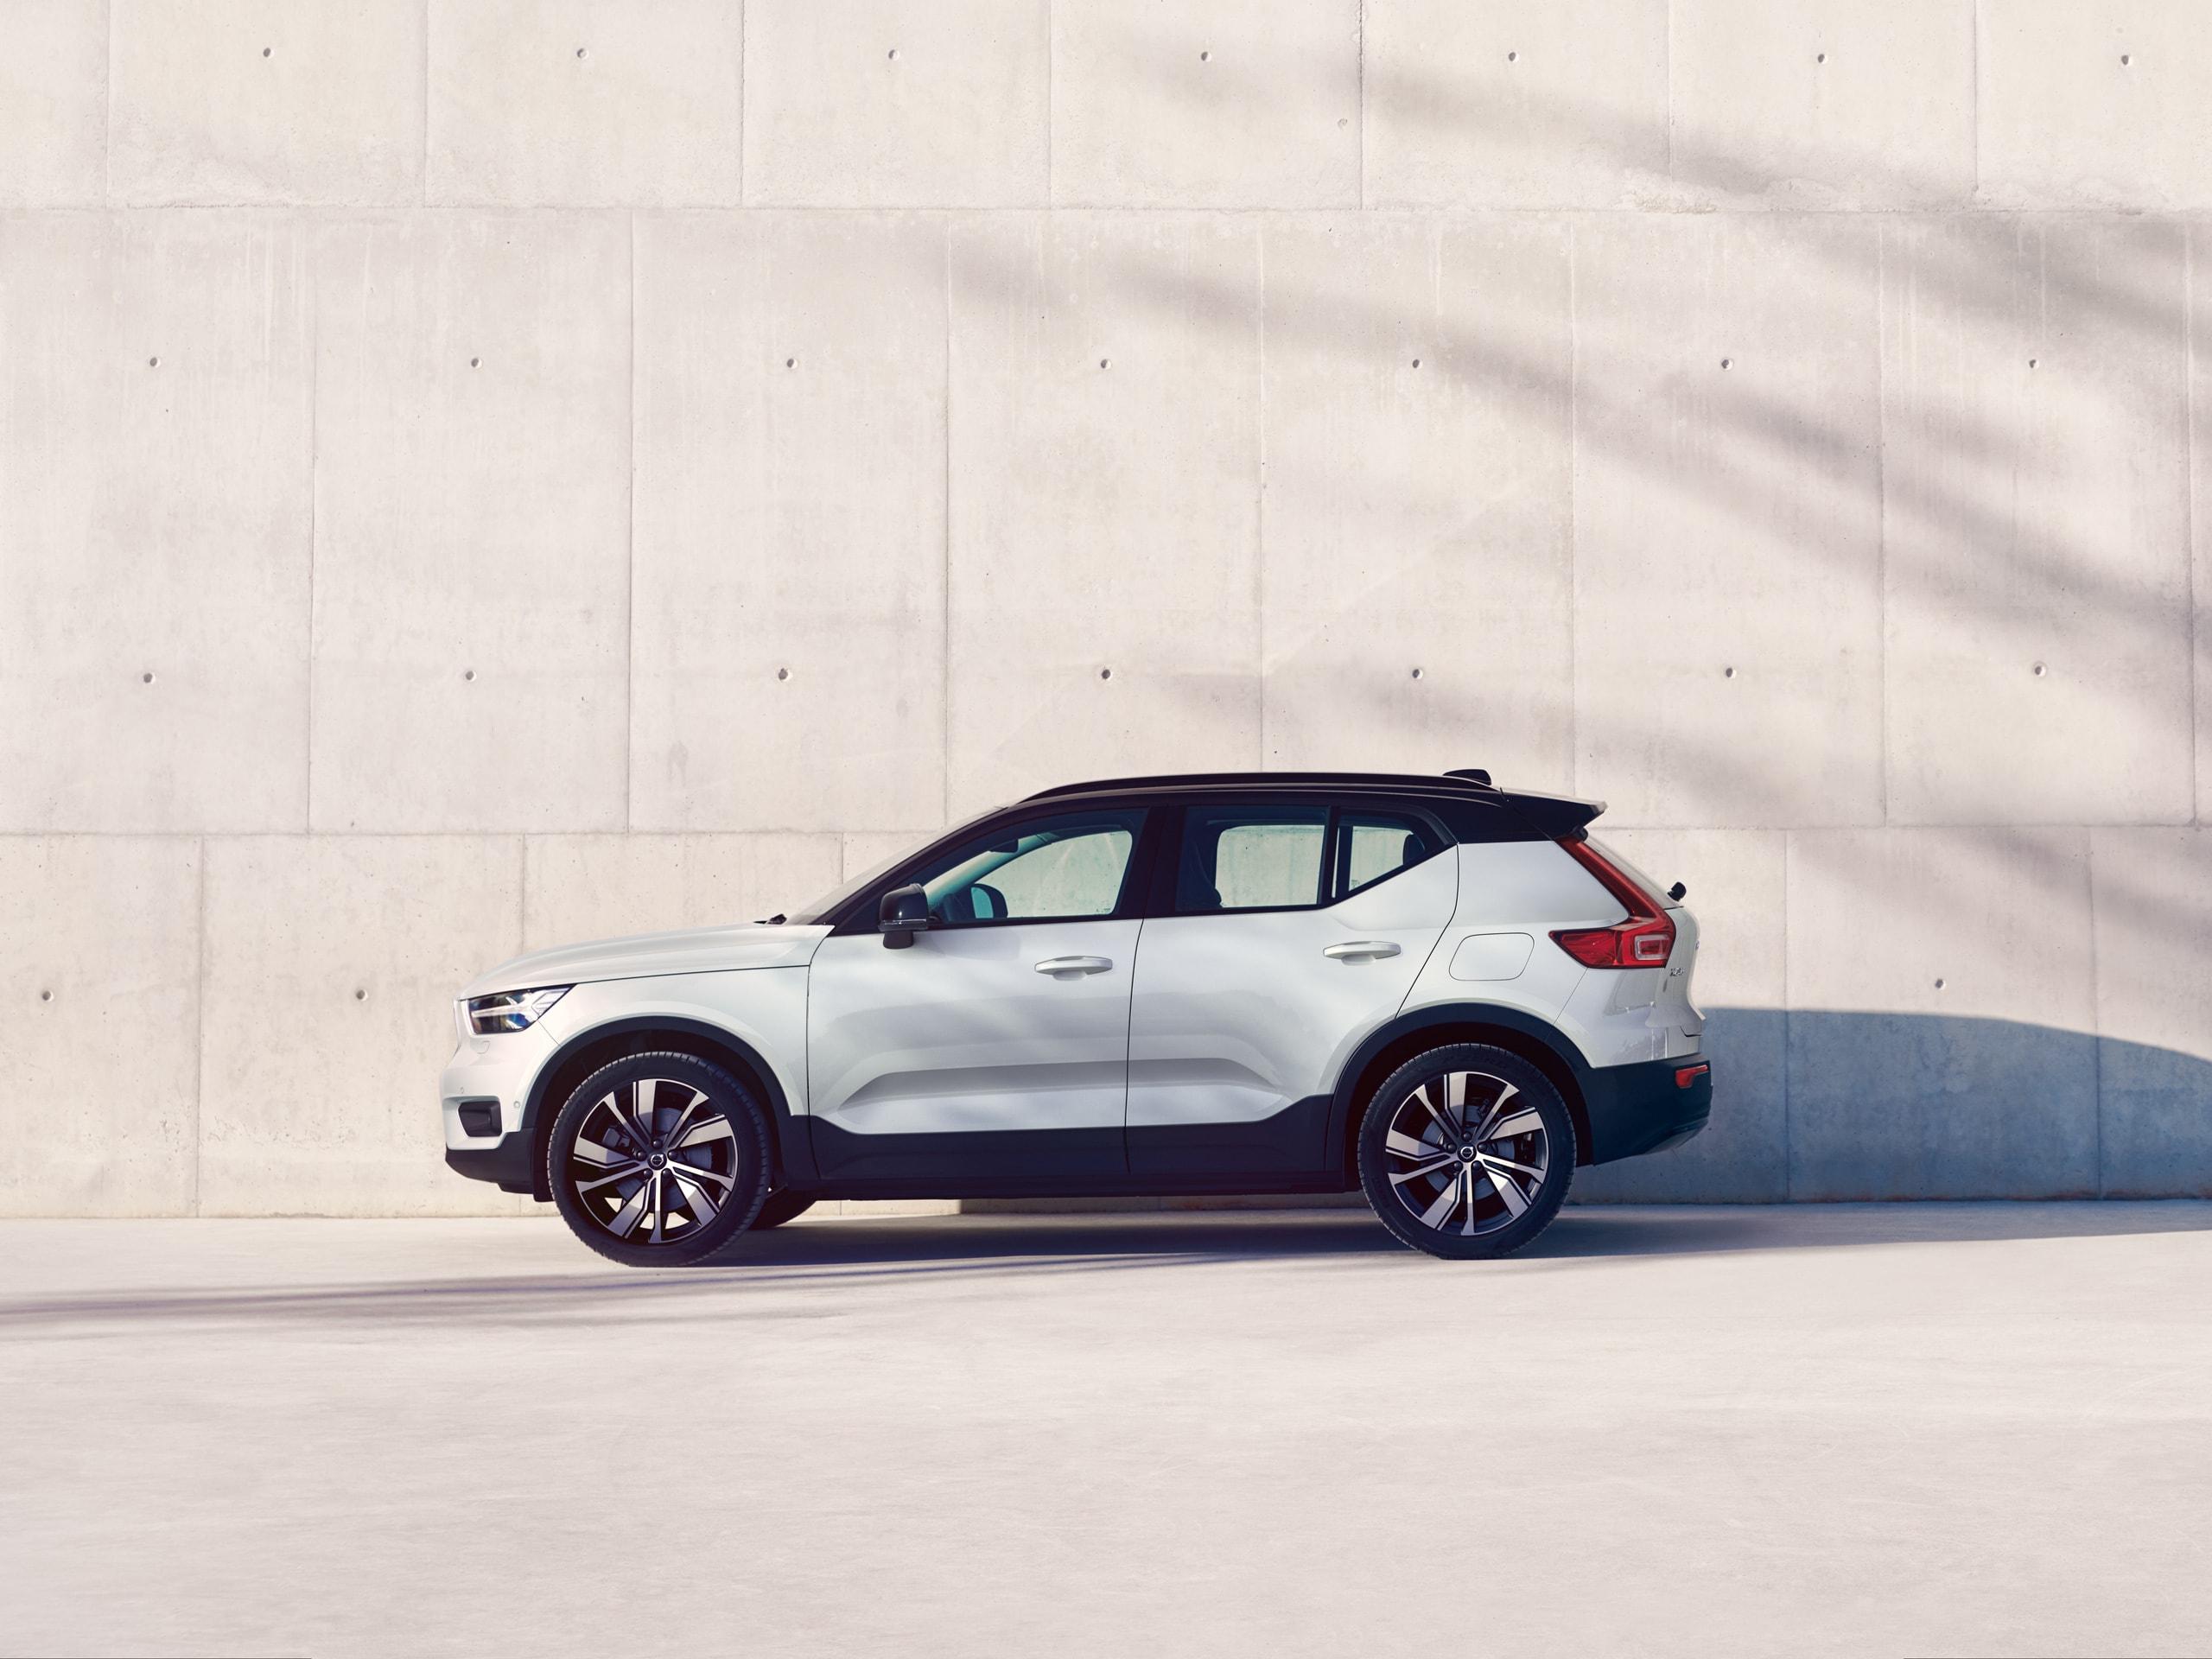 Volvo XC40 parkerad framför en ljus vägg.